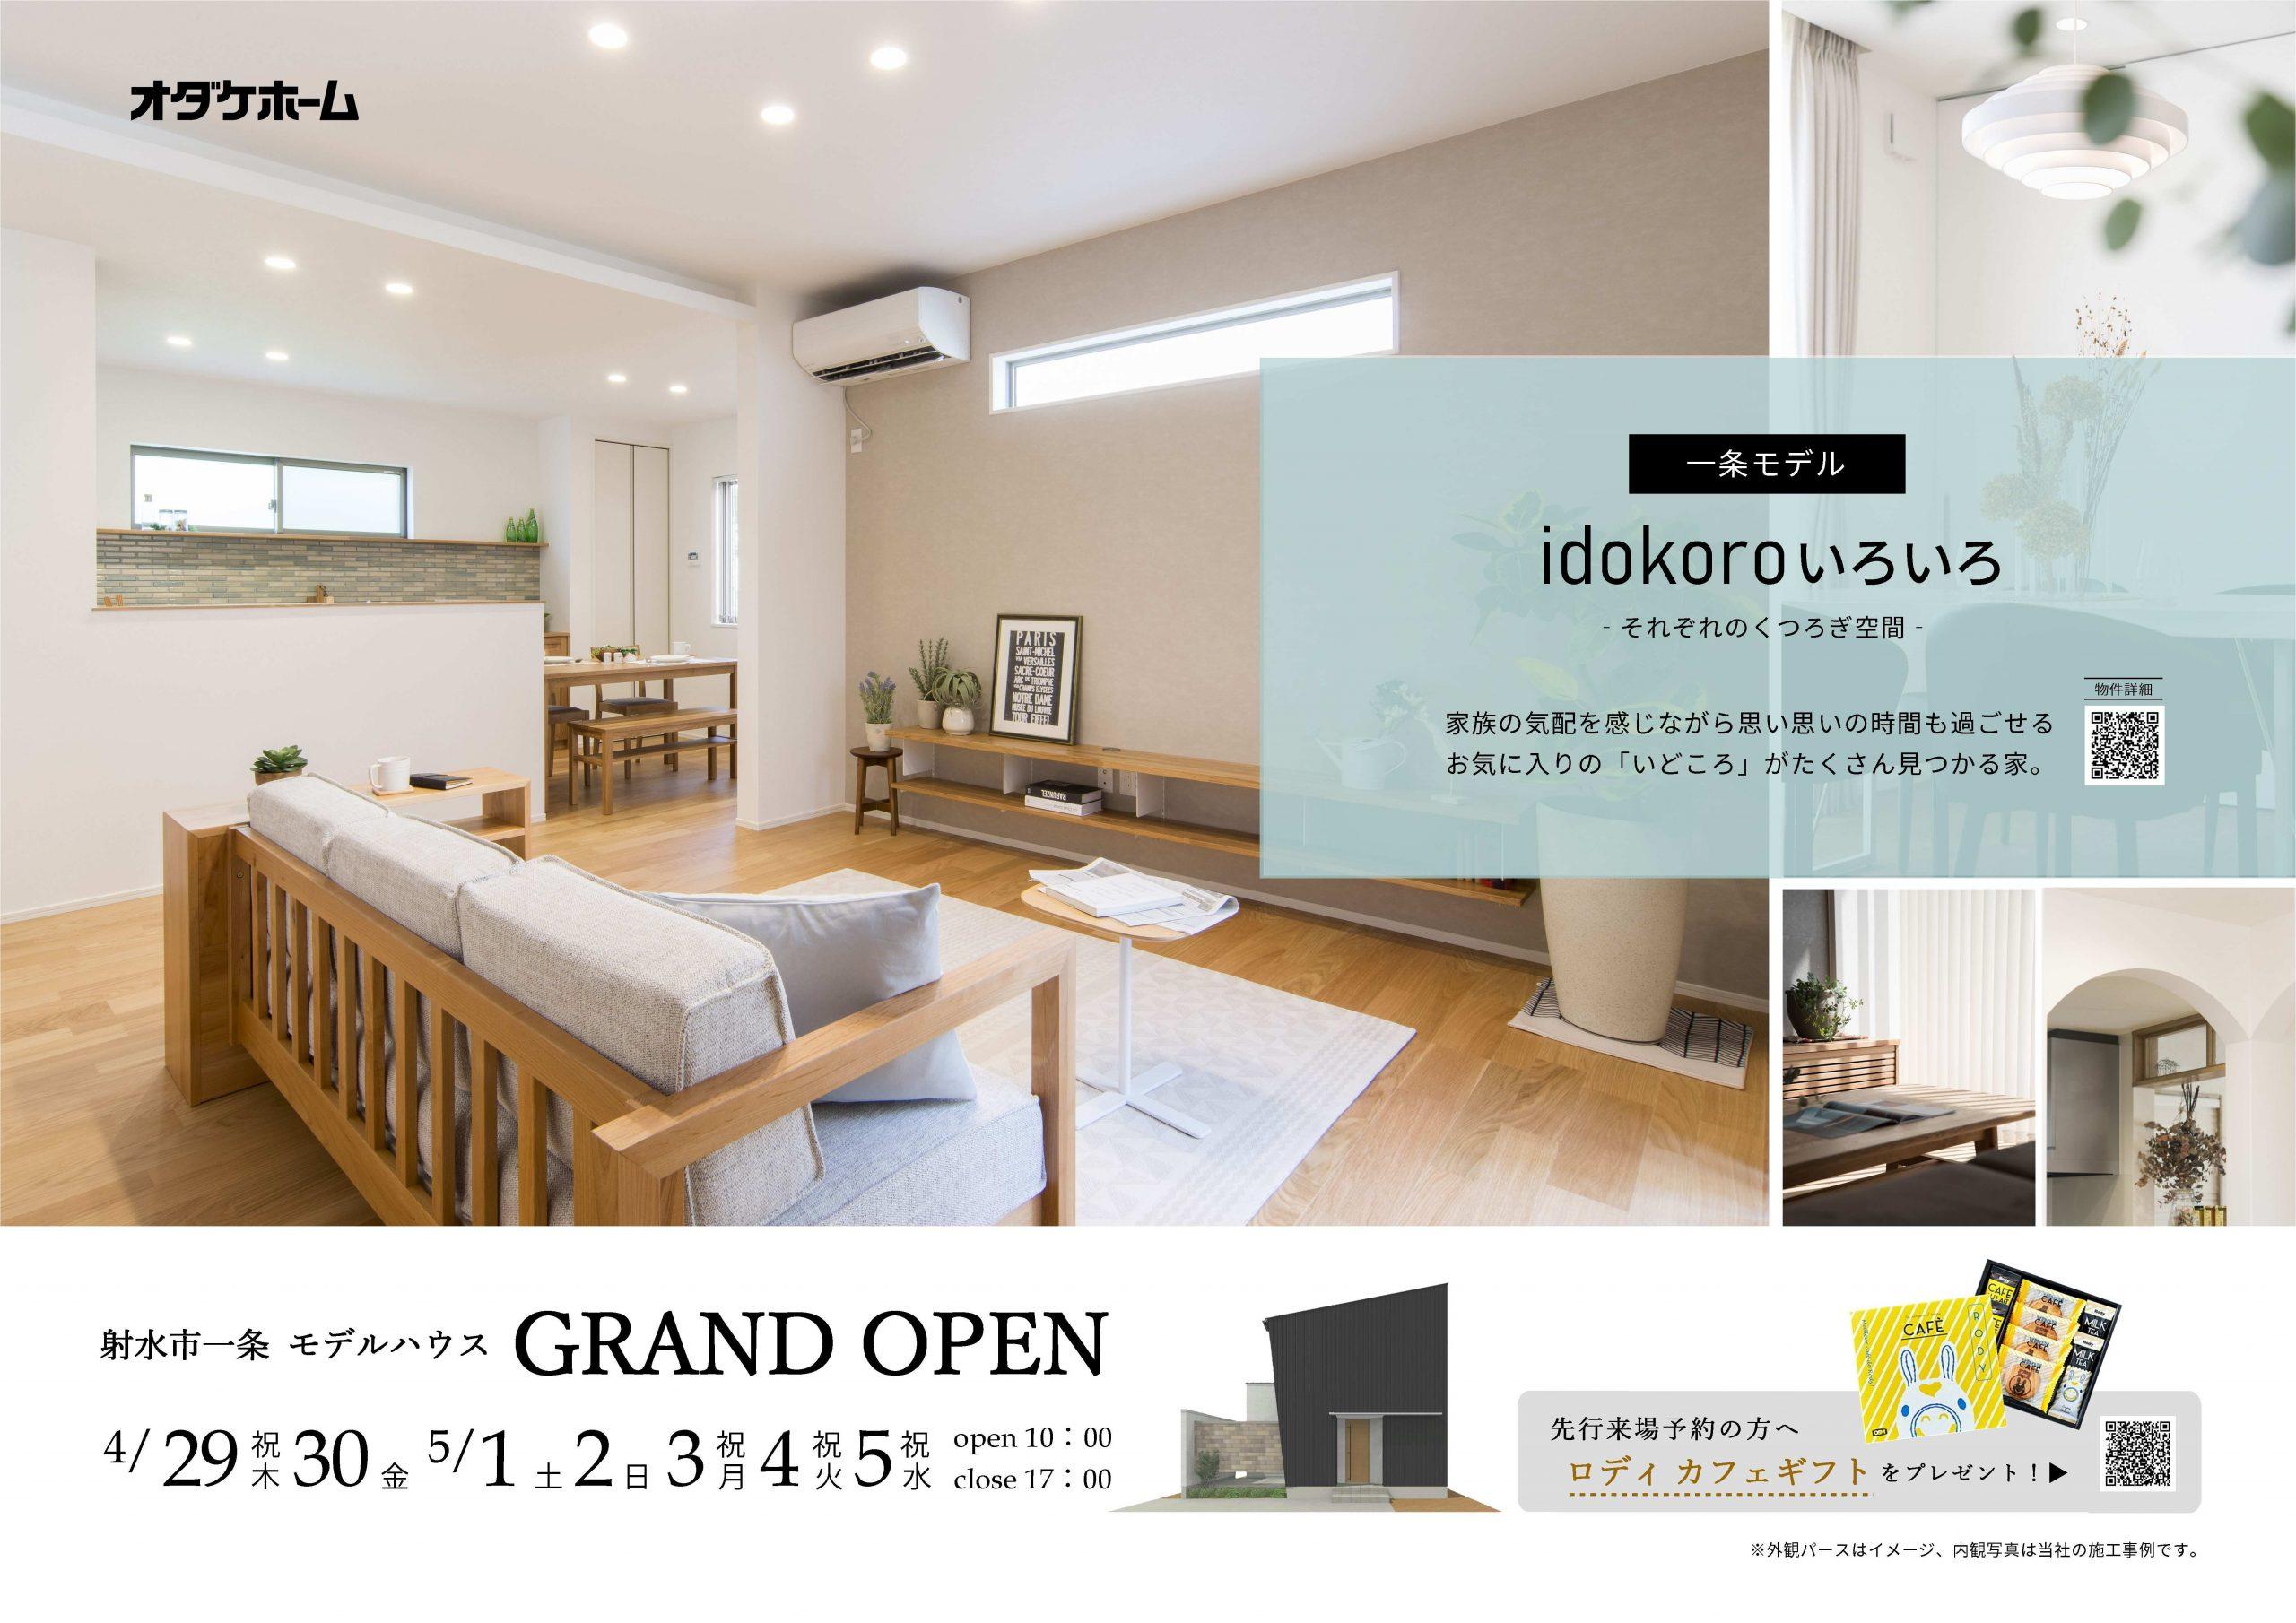 4/29~5/5(祝)射水市一条モデルハウスGrand Open!